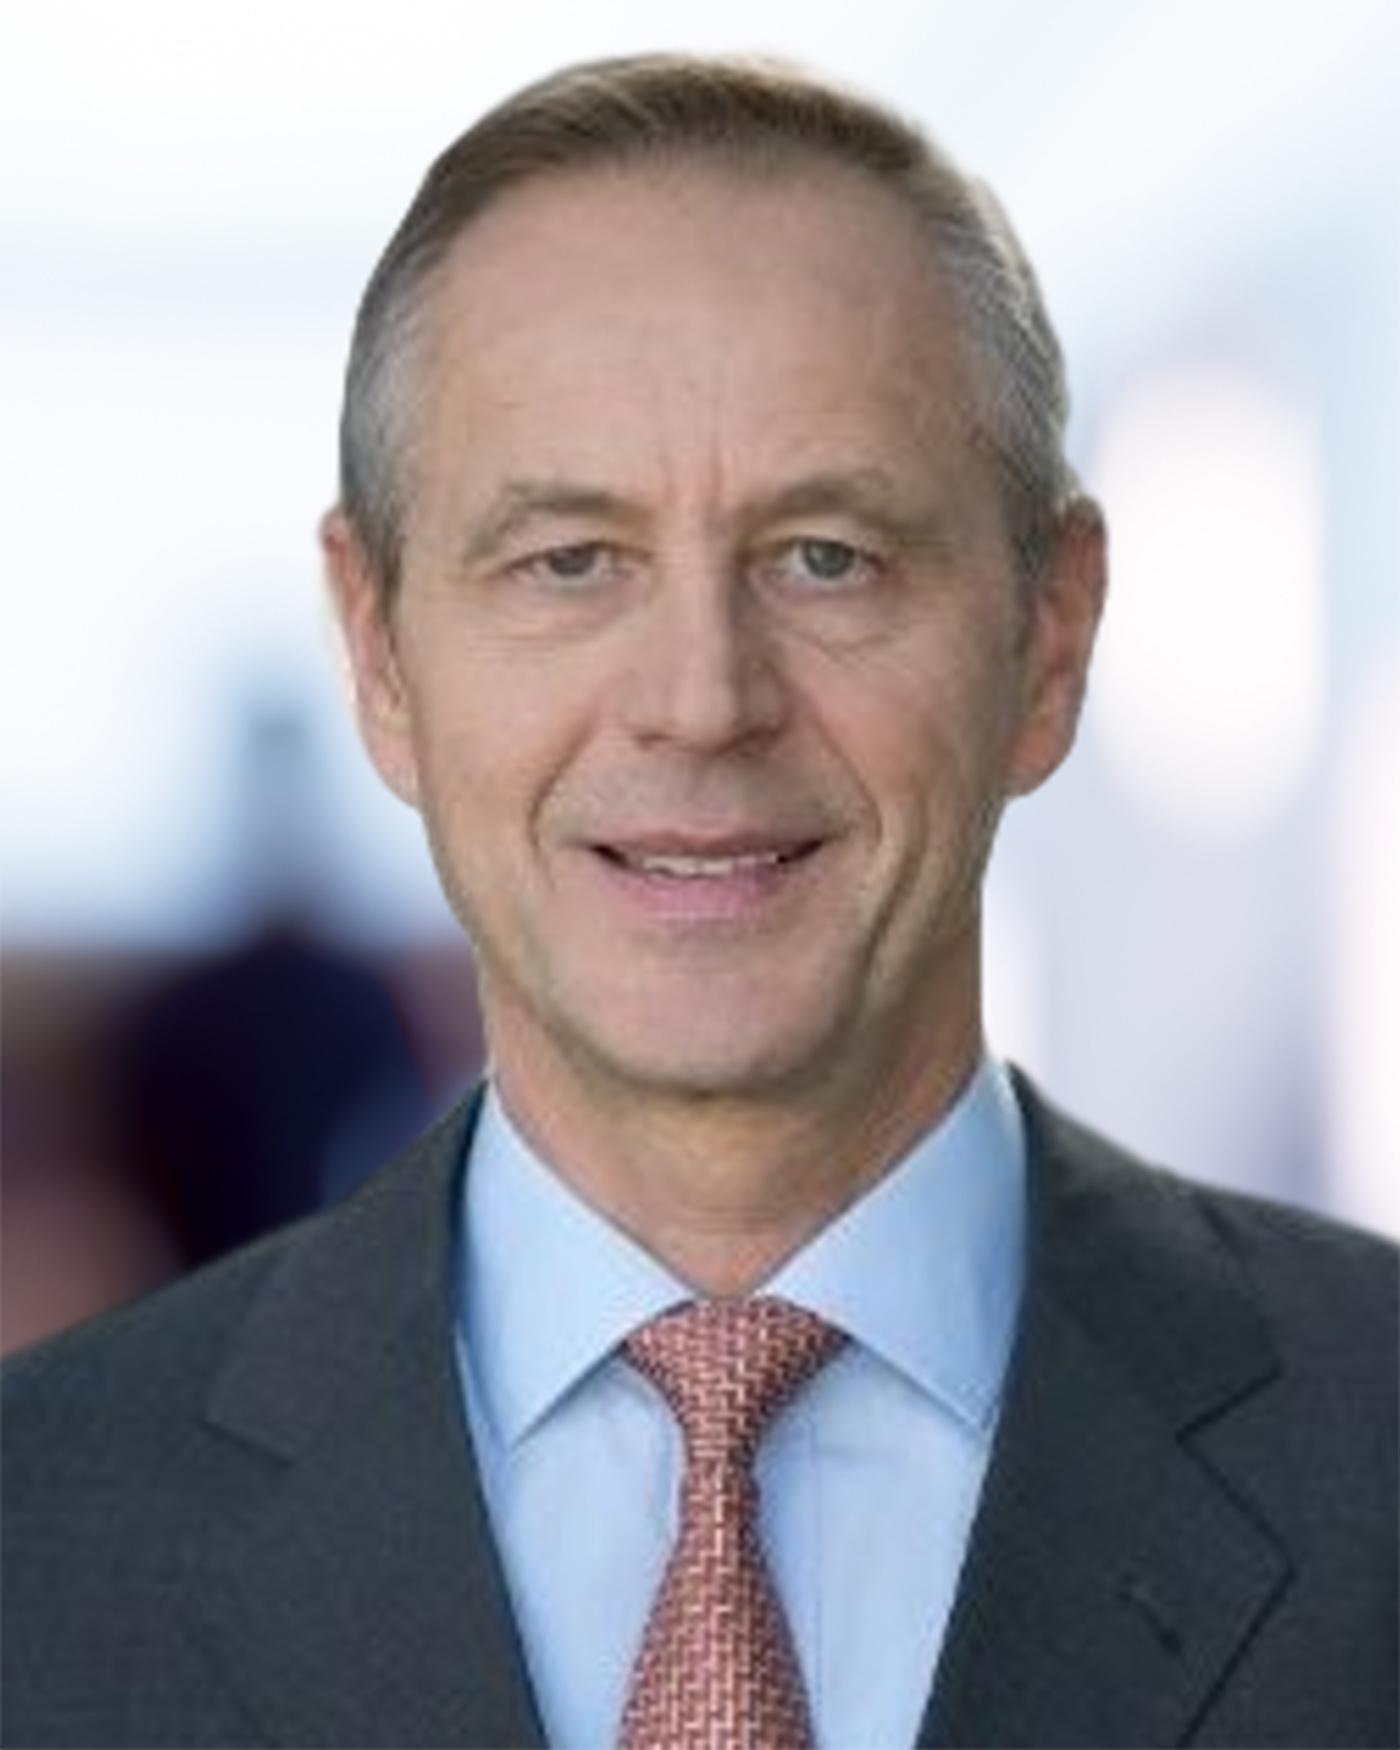 Karl-Heinz Flöther